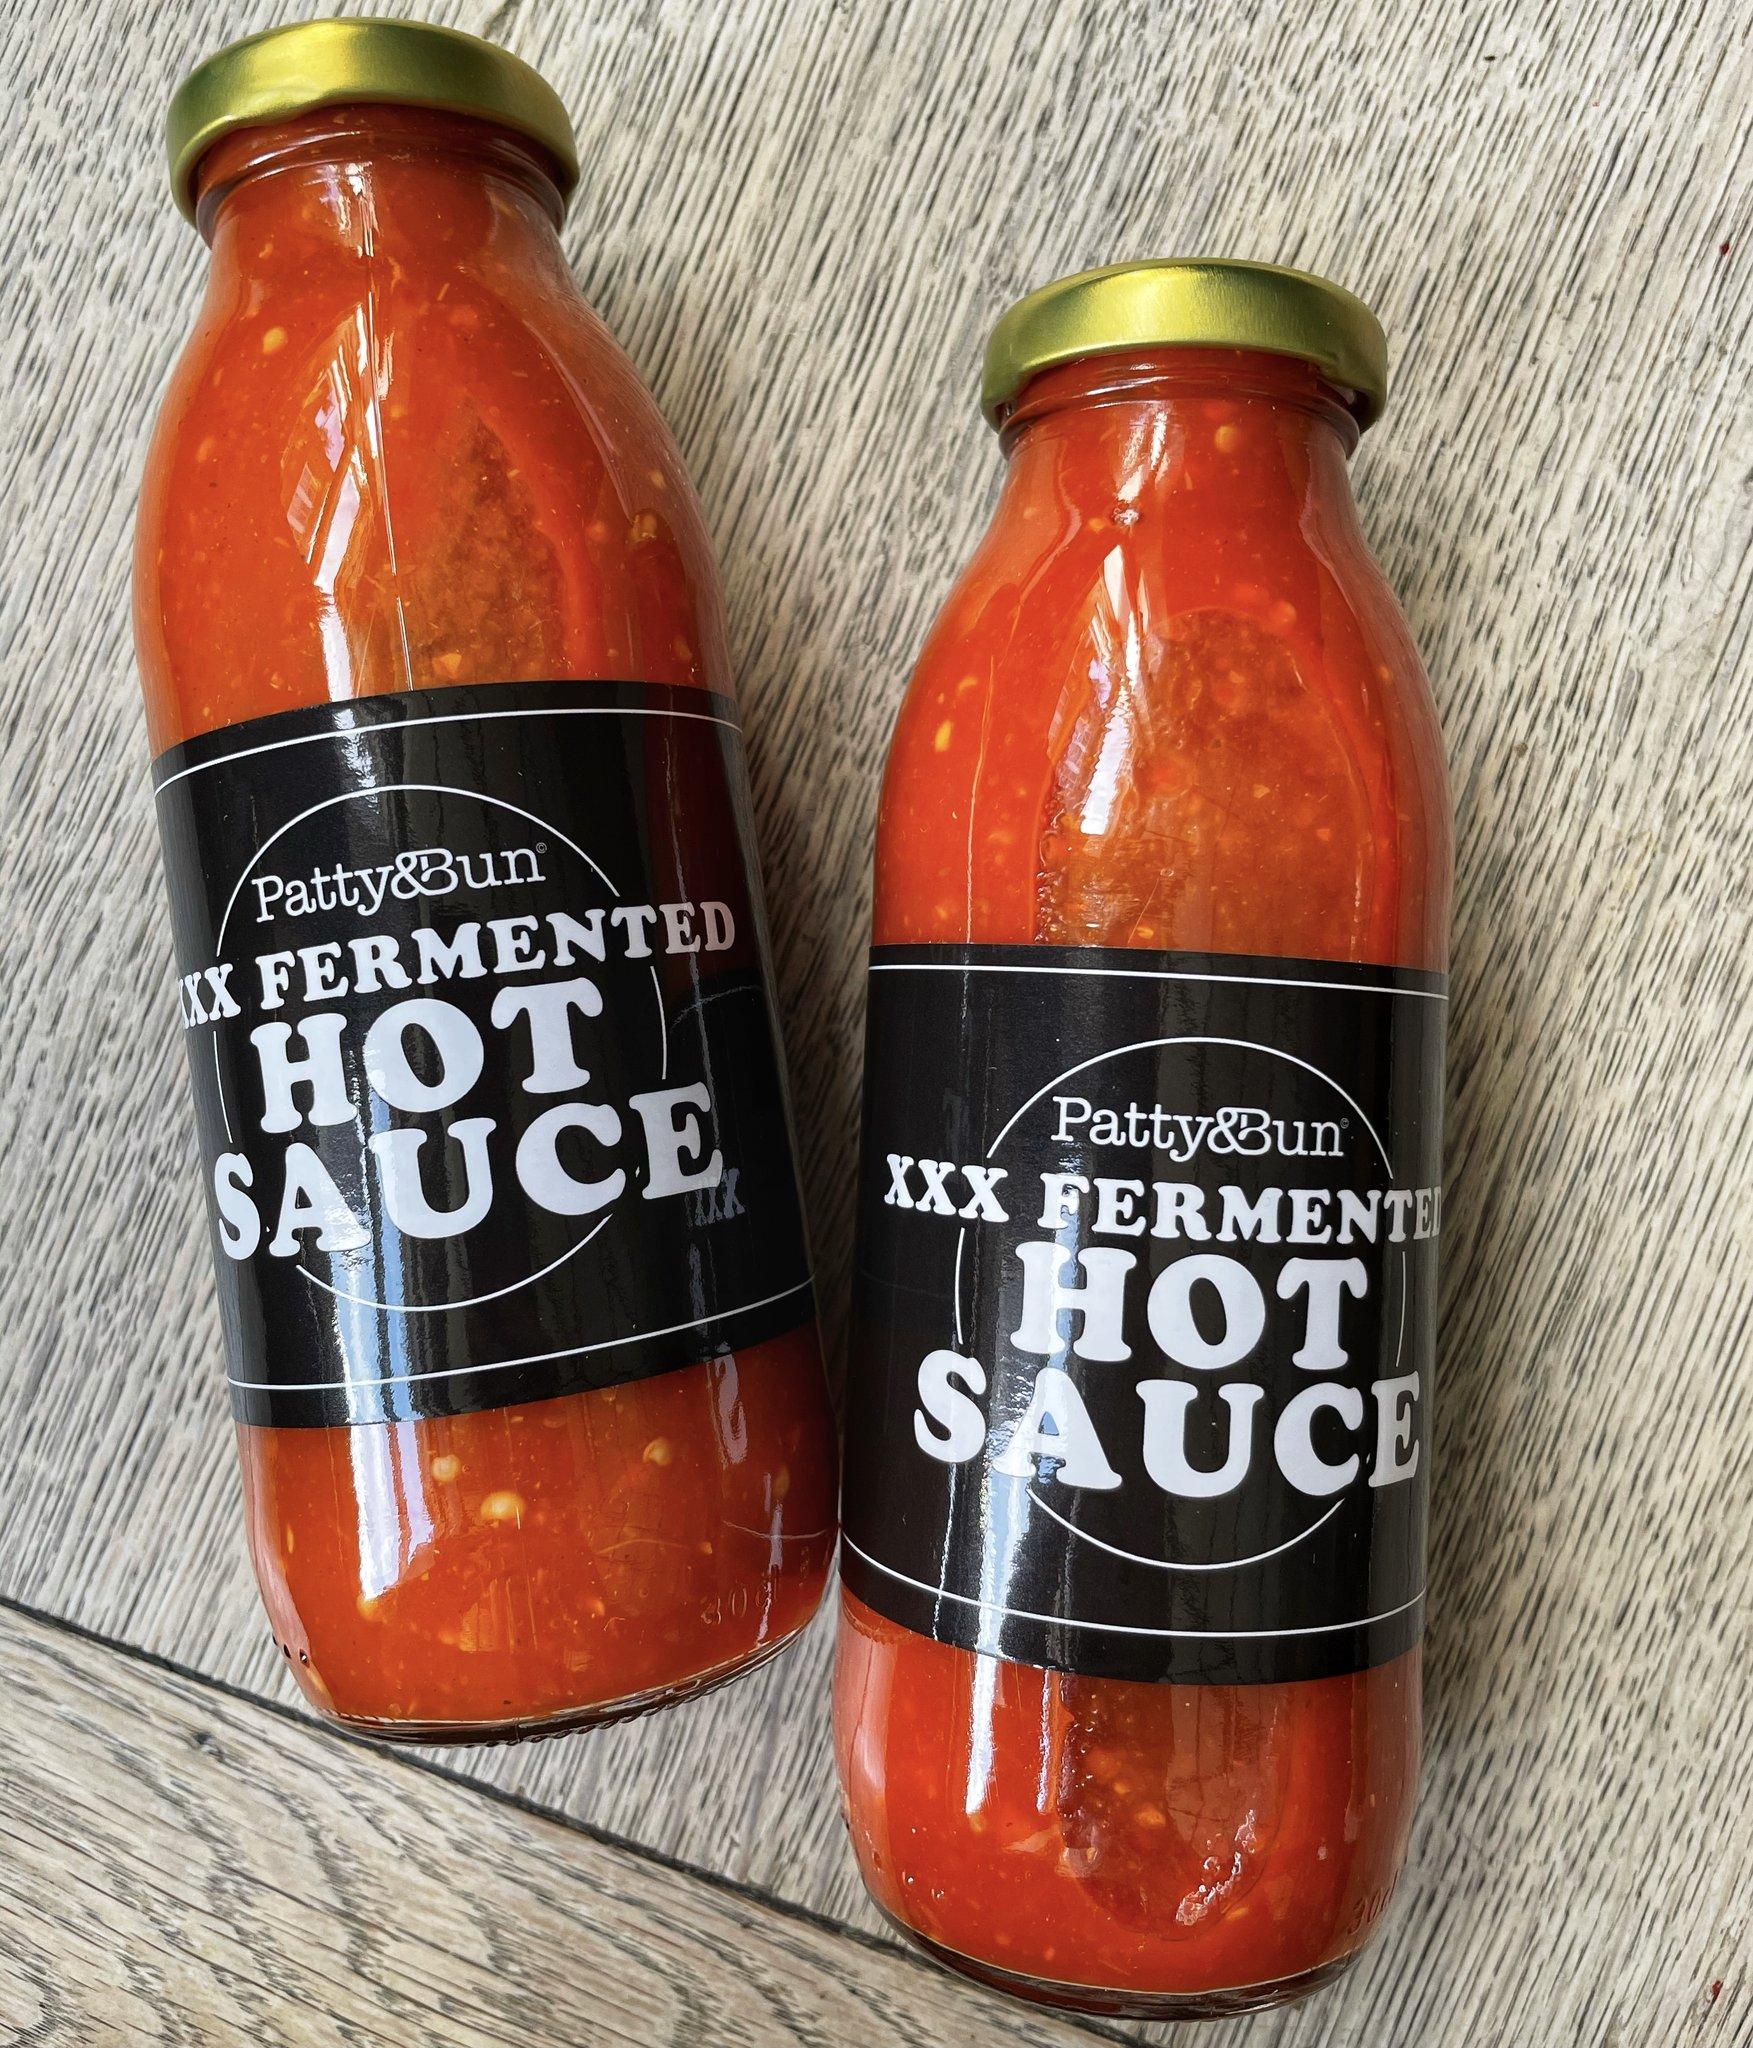 XXX Fermented Hot Sauce